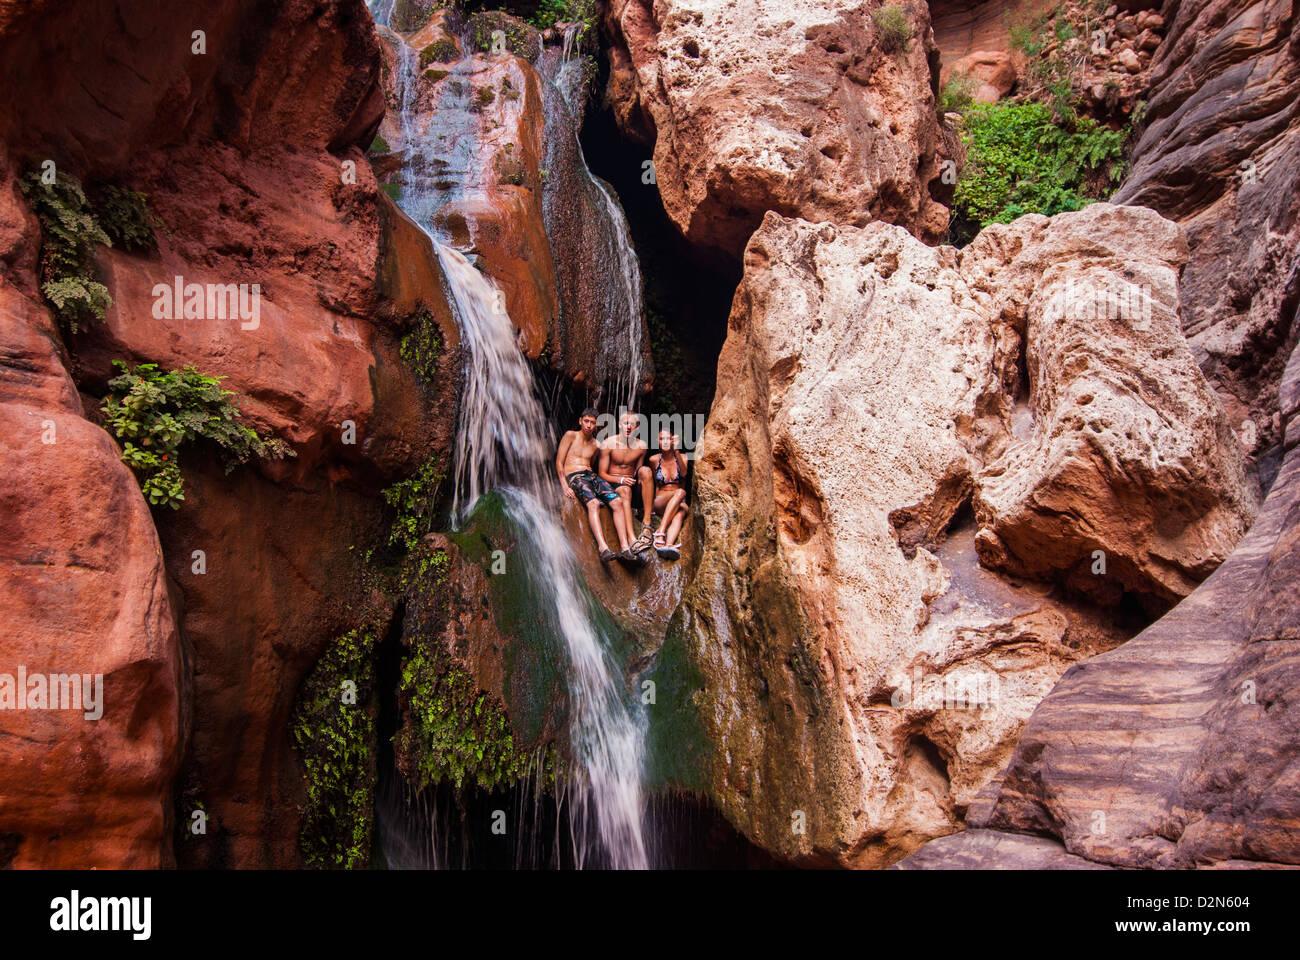 Los turistas bañarse en una cascada, visto mientras el rafting por el Río Colorado, el Gran Cañón, Imagen De Stock